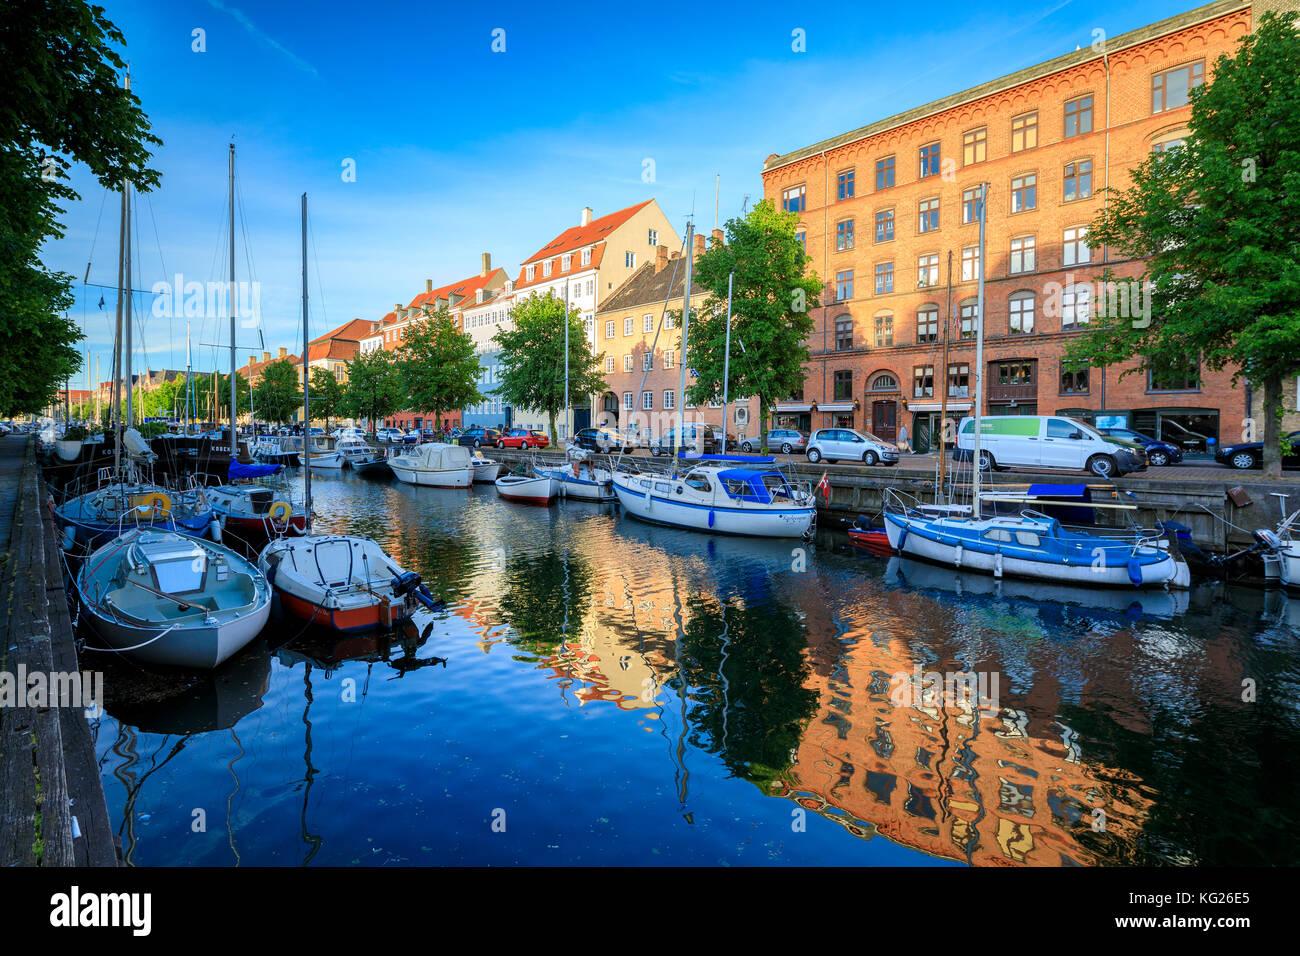 Boote in Christianshavn Kanal, Kopenhagen, Dänemark, Europa Stockbild